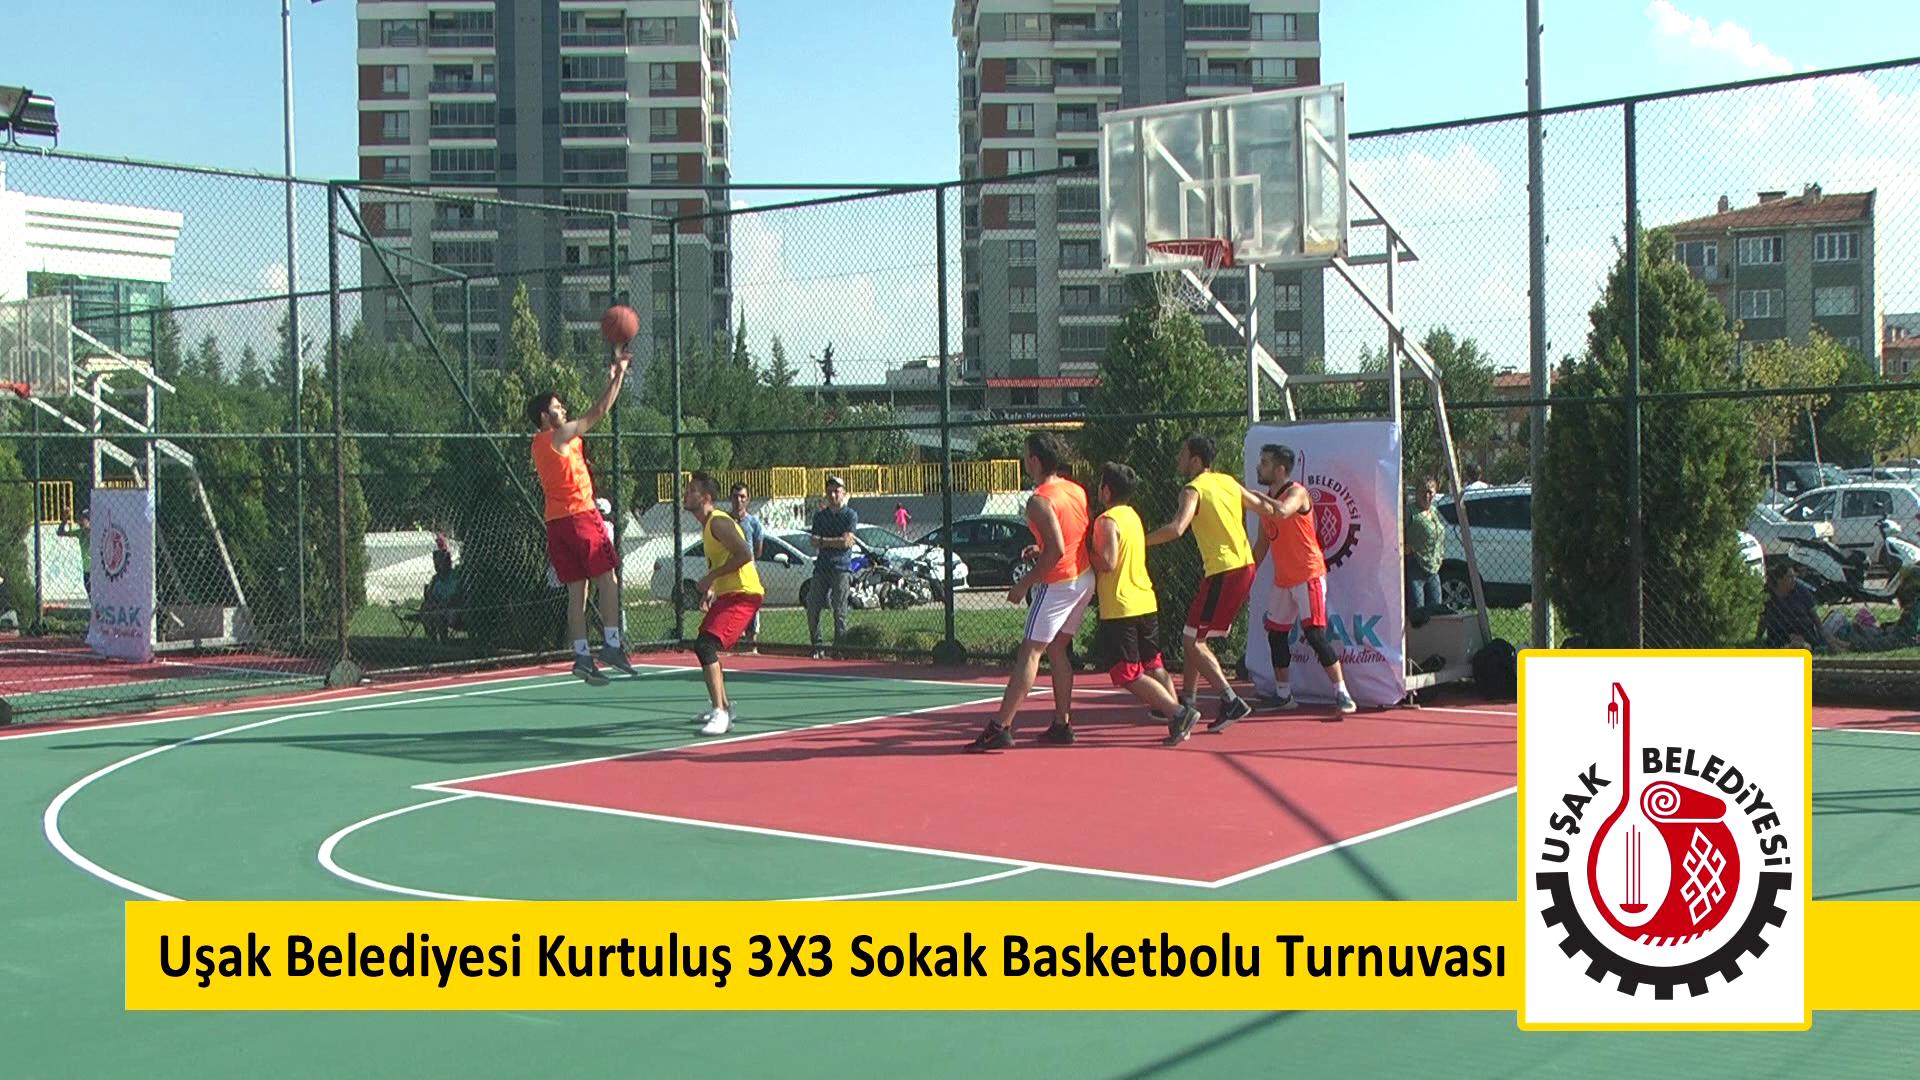 Uşak Belediyesi - Basketbol Turnuvası